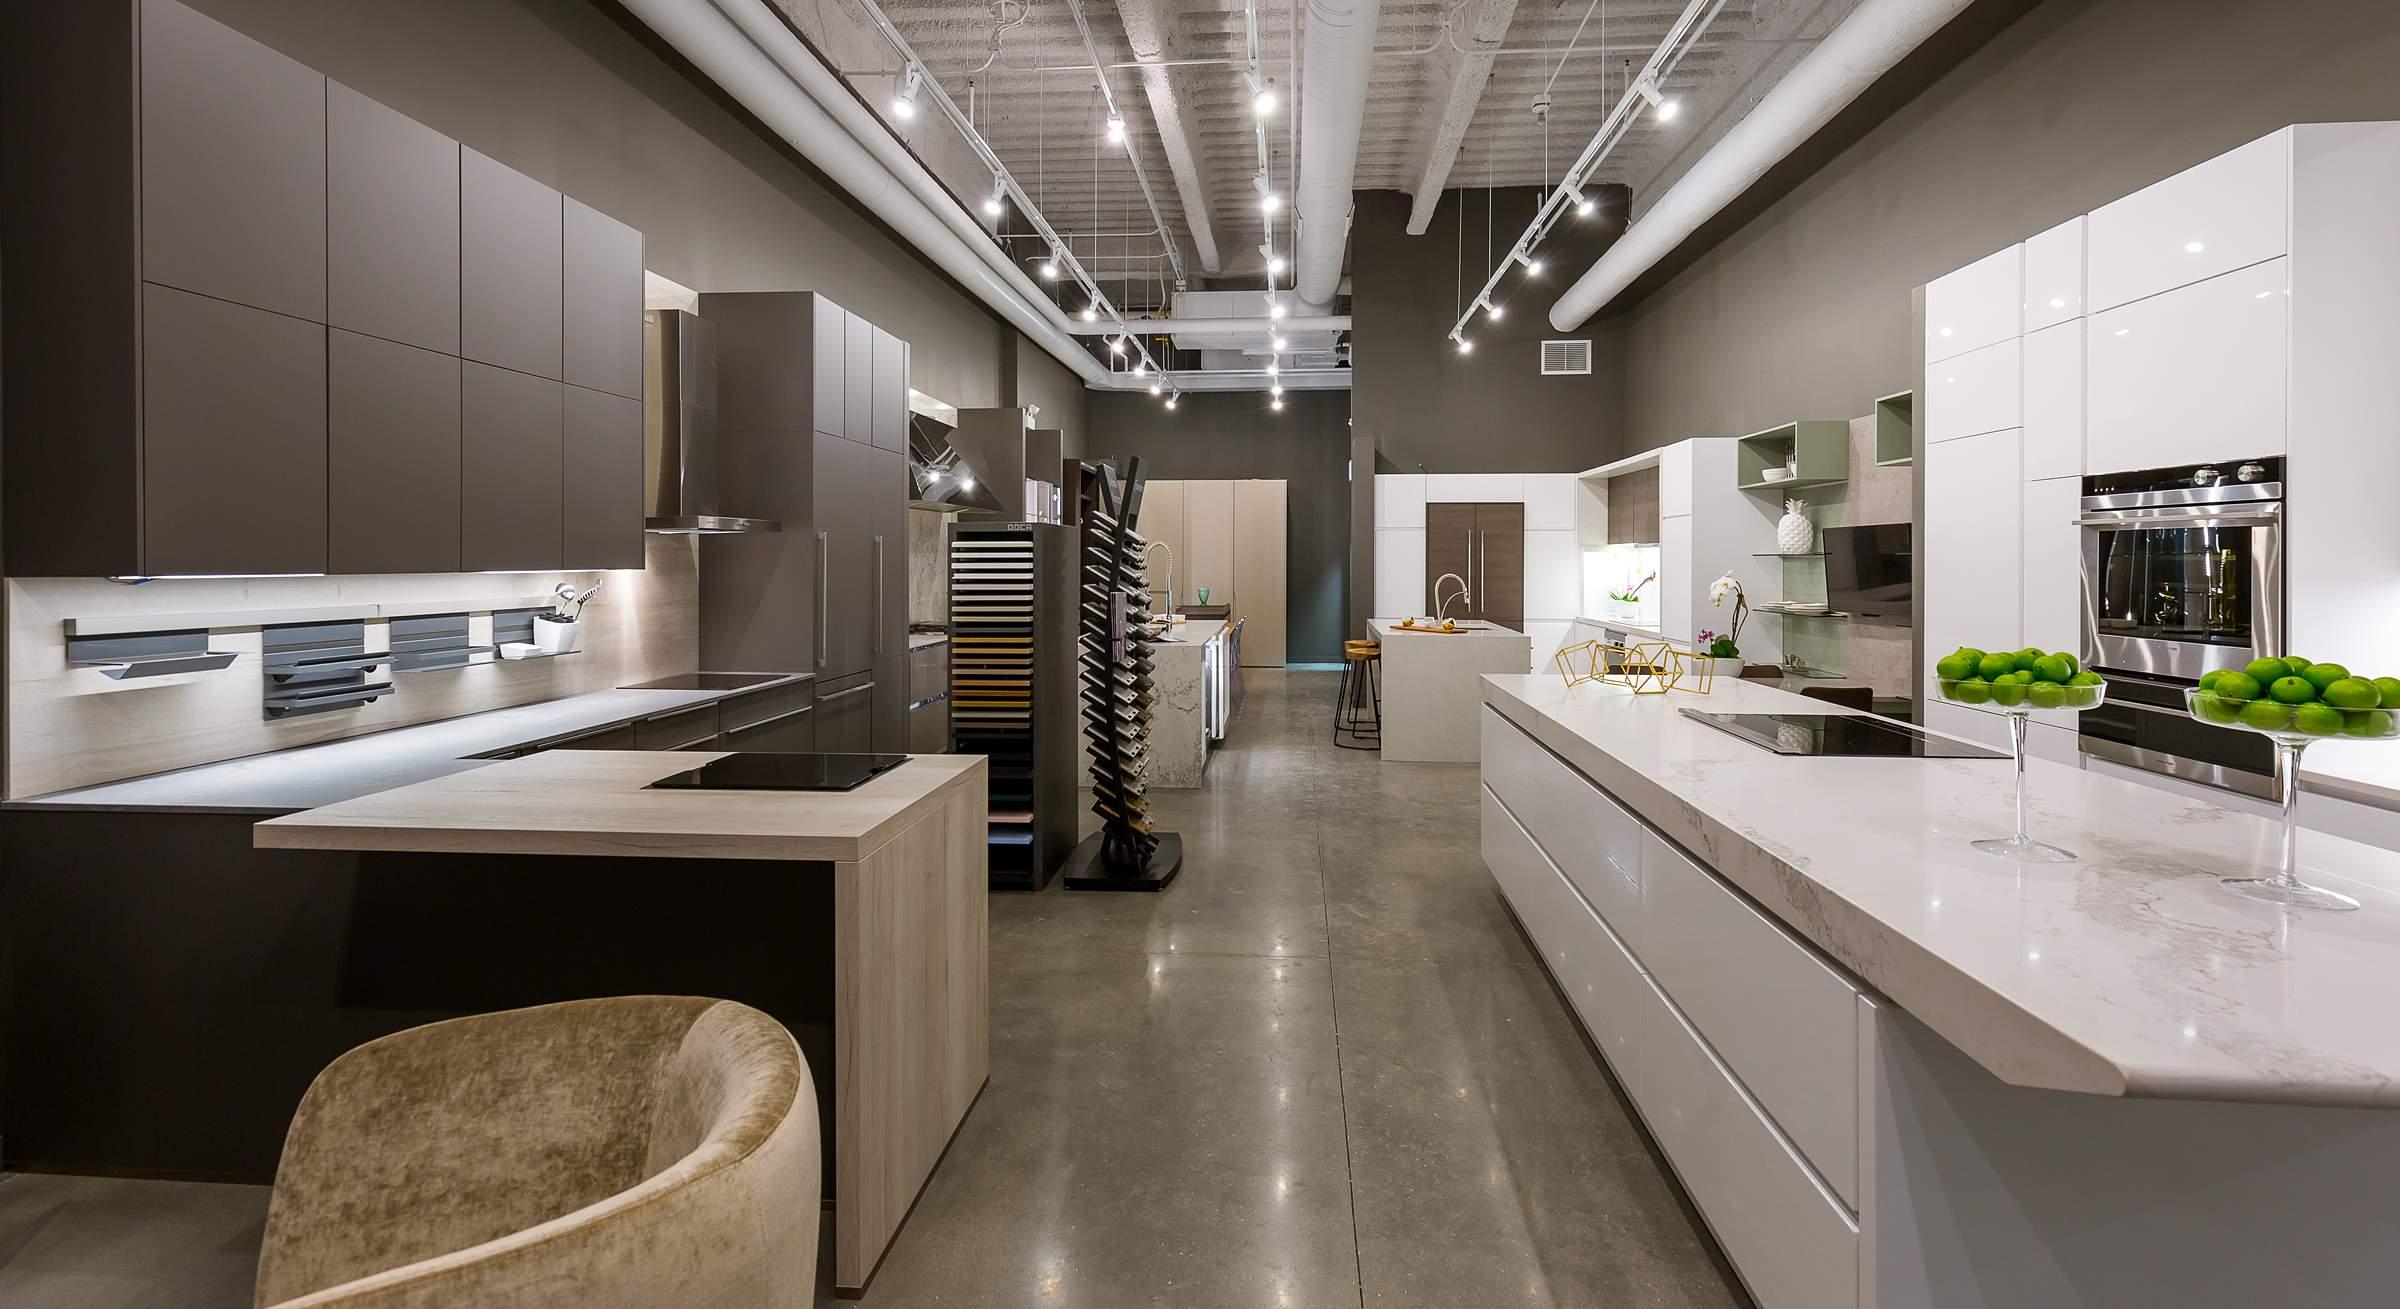 Erfreut Die Küche Chicago Zeitgenössisch - Küchenschrank Ideen ...